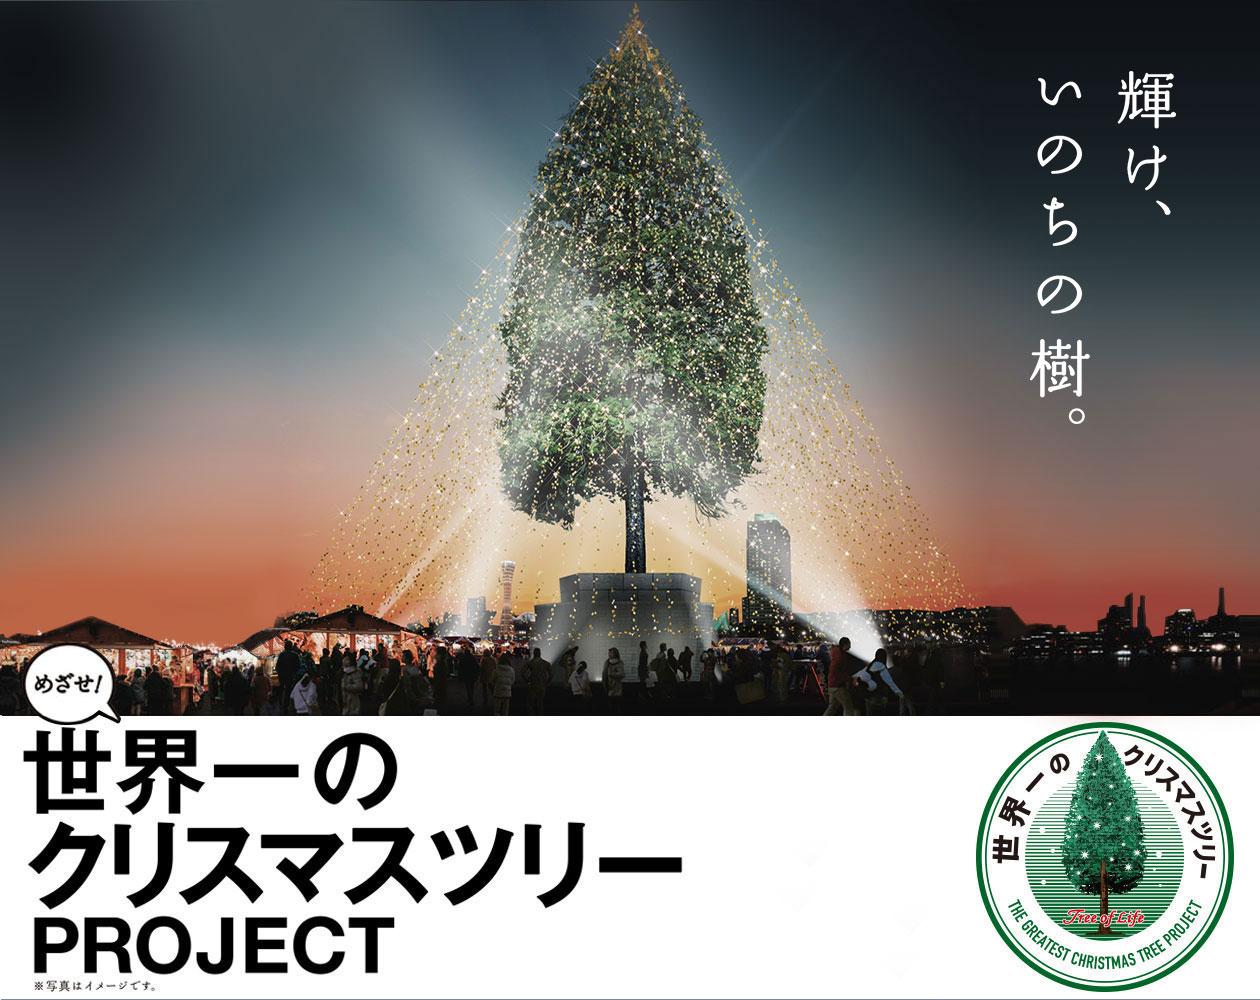 神戸に世界1のクリスマスツリー誕生